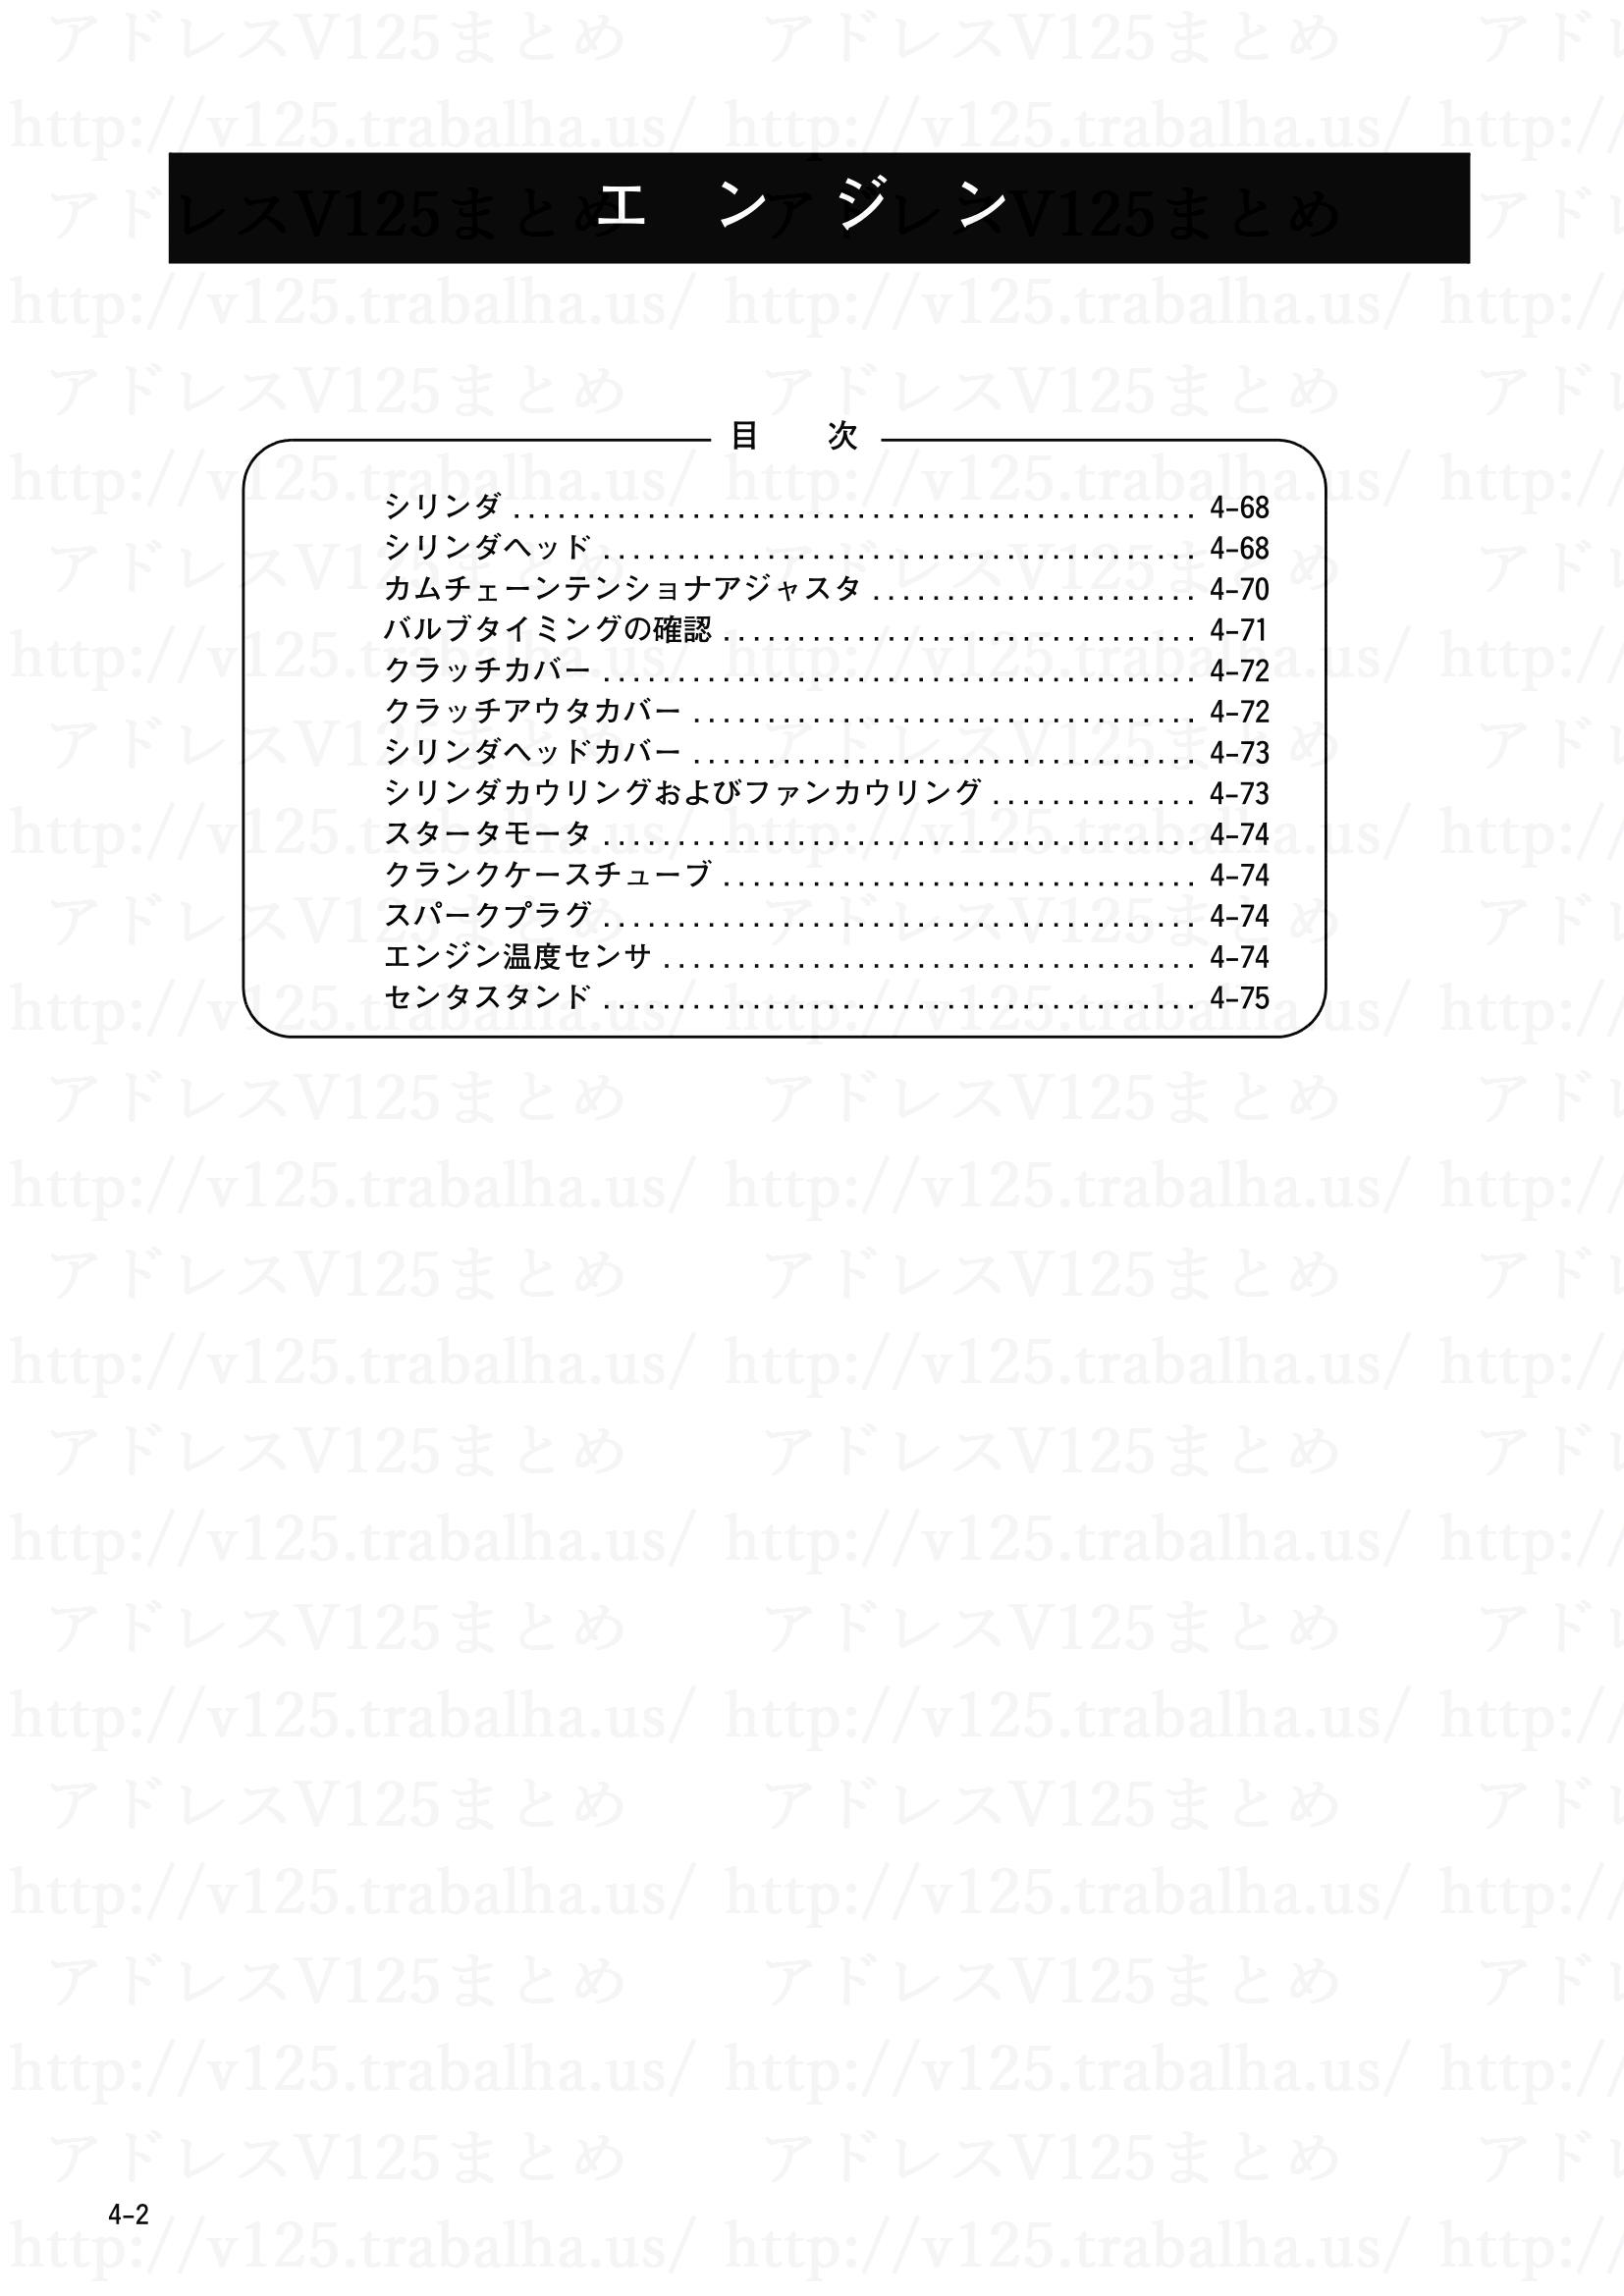 4-2【エンジン】目次2